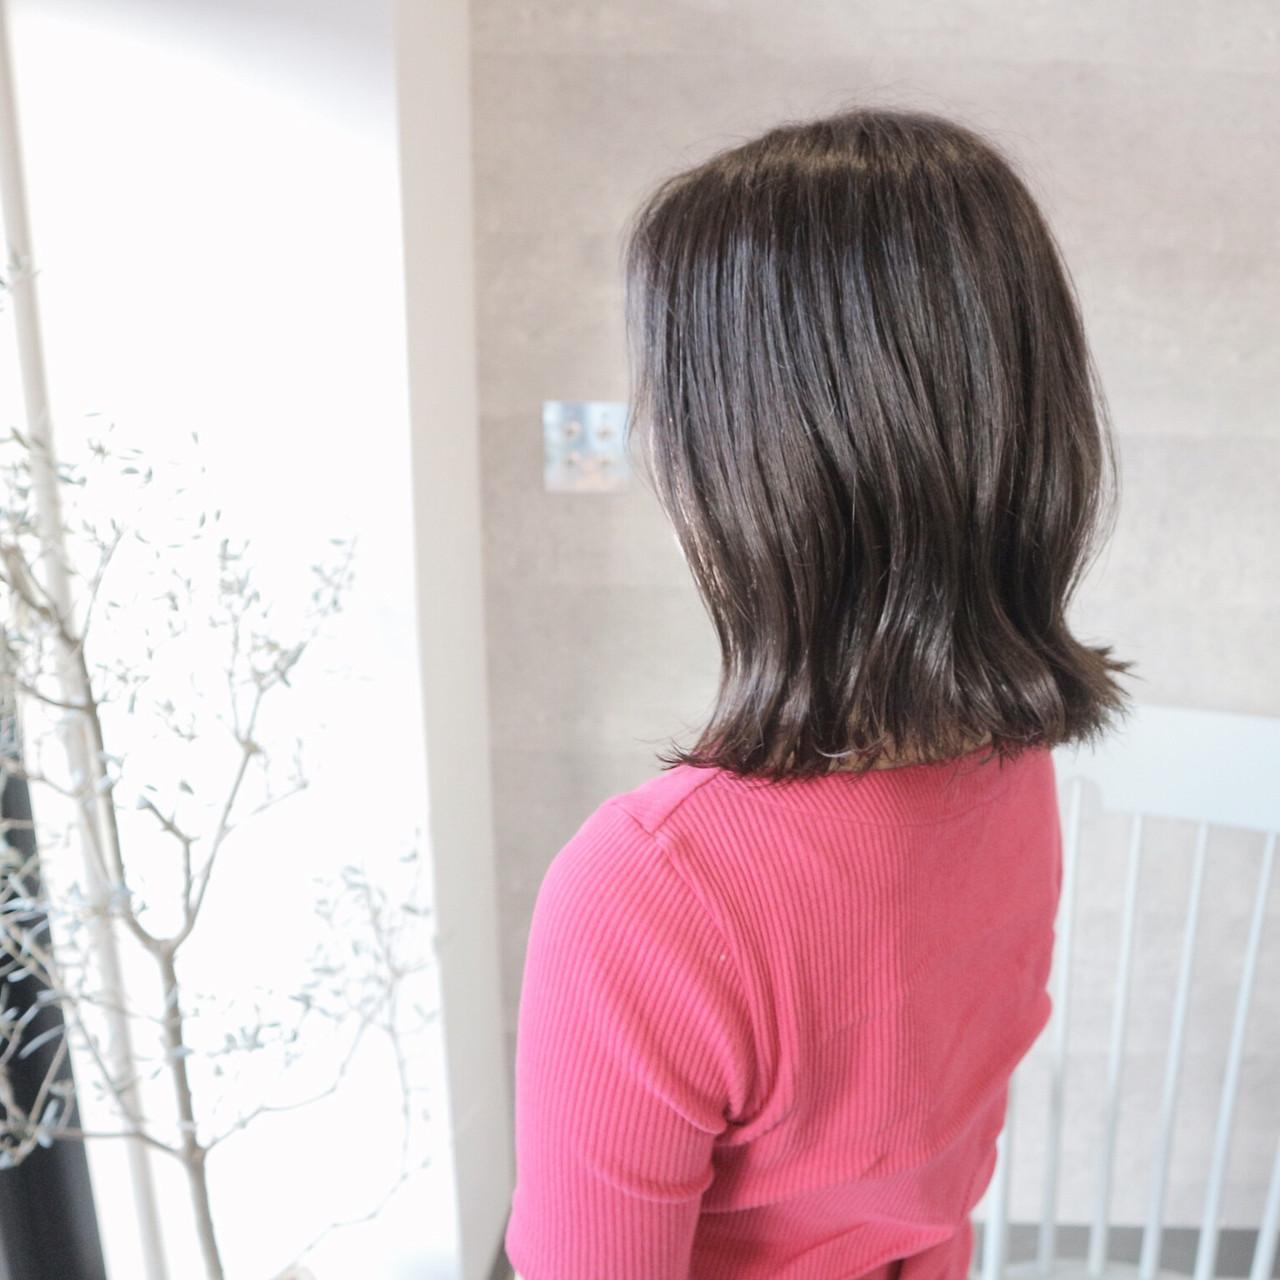 ミディアム スポーツ アンニュイほつれヘア フェミニン ヘアスタイルや髪型の写真・画像 | 桑村亮太/CALIF hair store / 函館/CALIF hair store/キャリフ ヘアストア